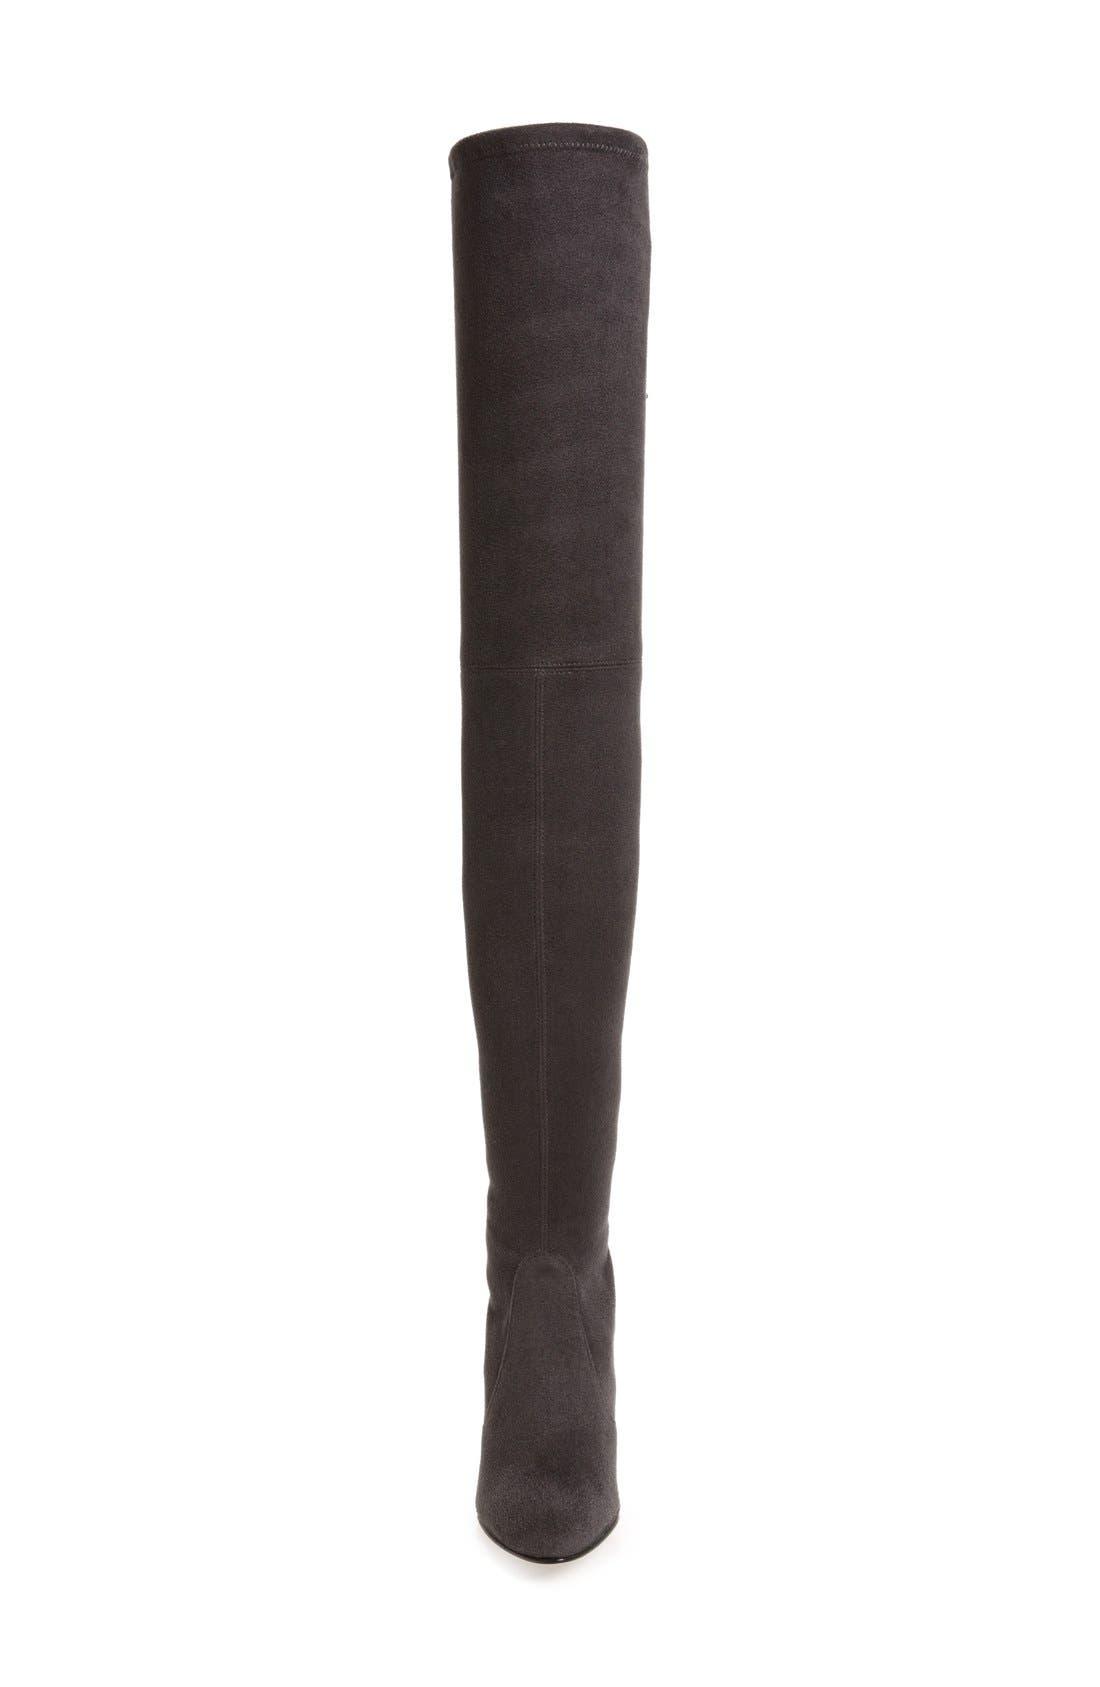 Alternate Image 3  - Stuart Weitzman 'All Legs' Thigh High Boot (Women)